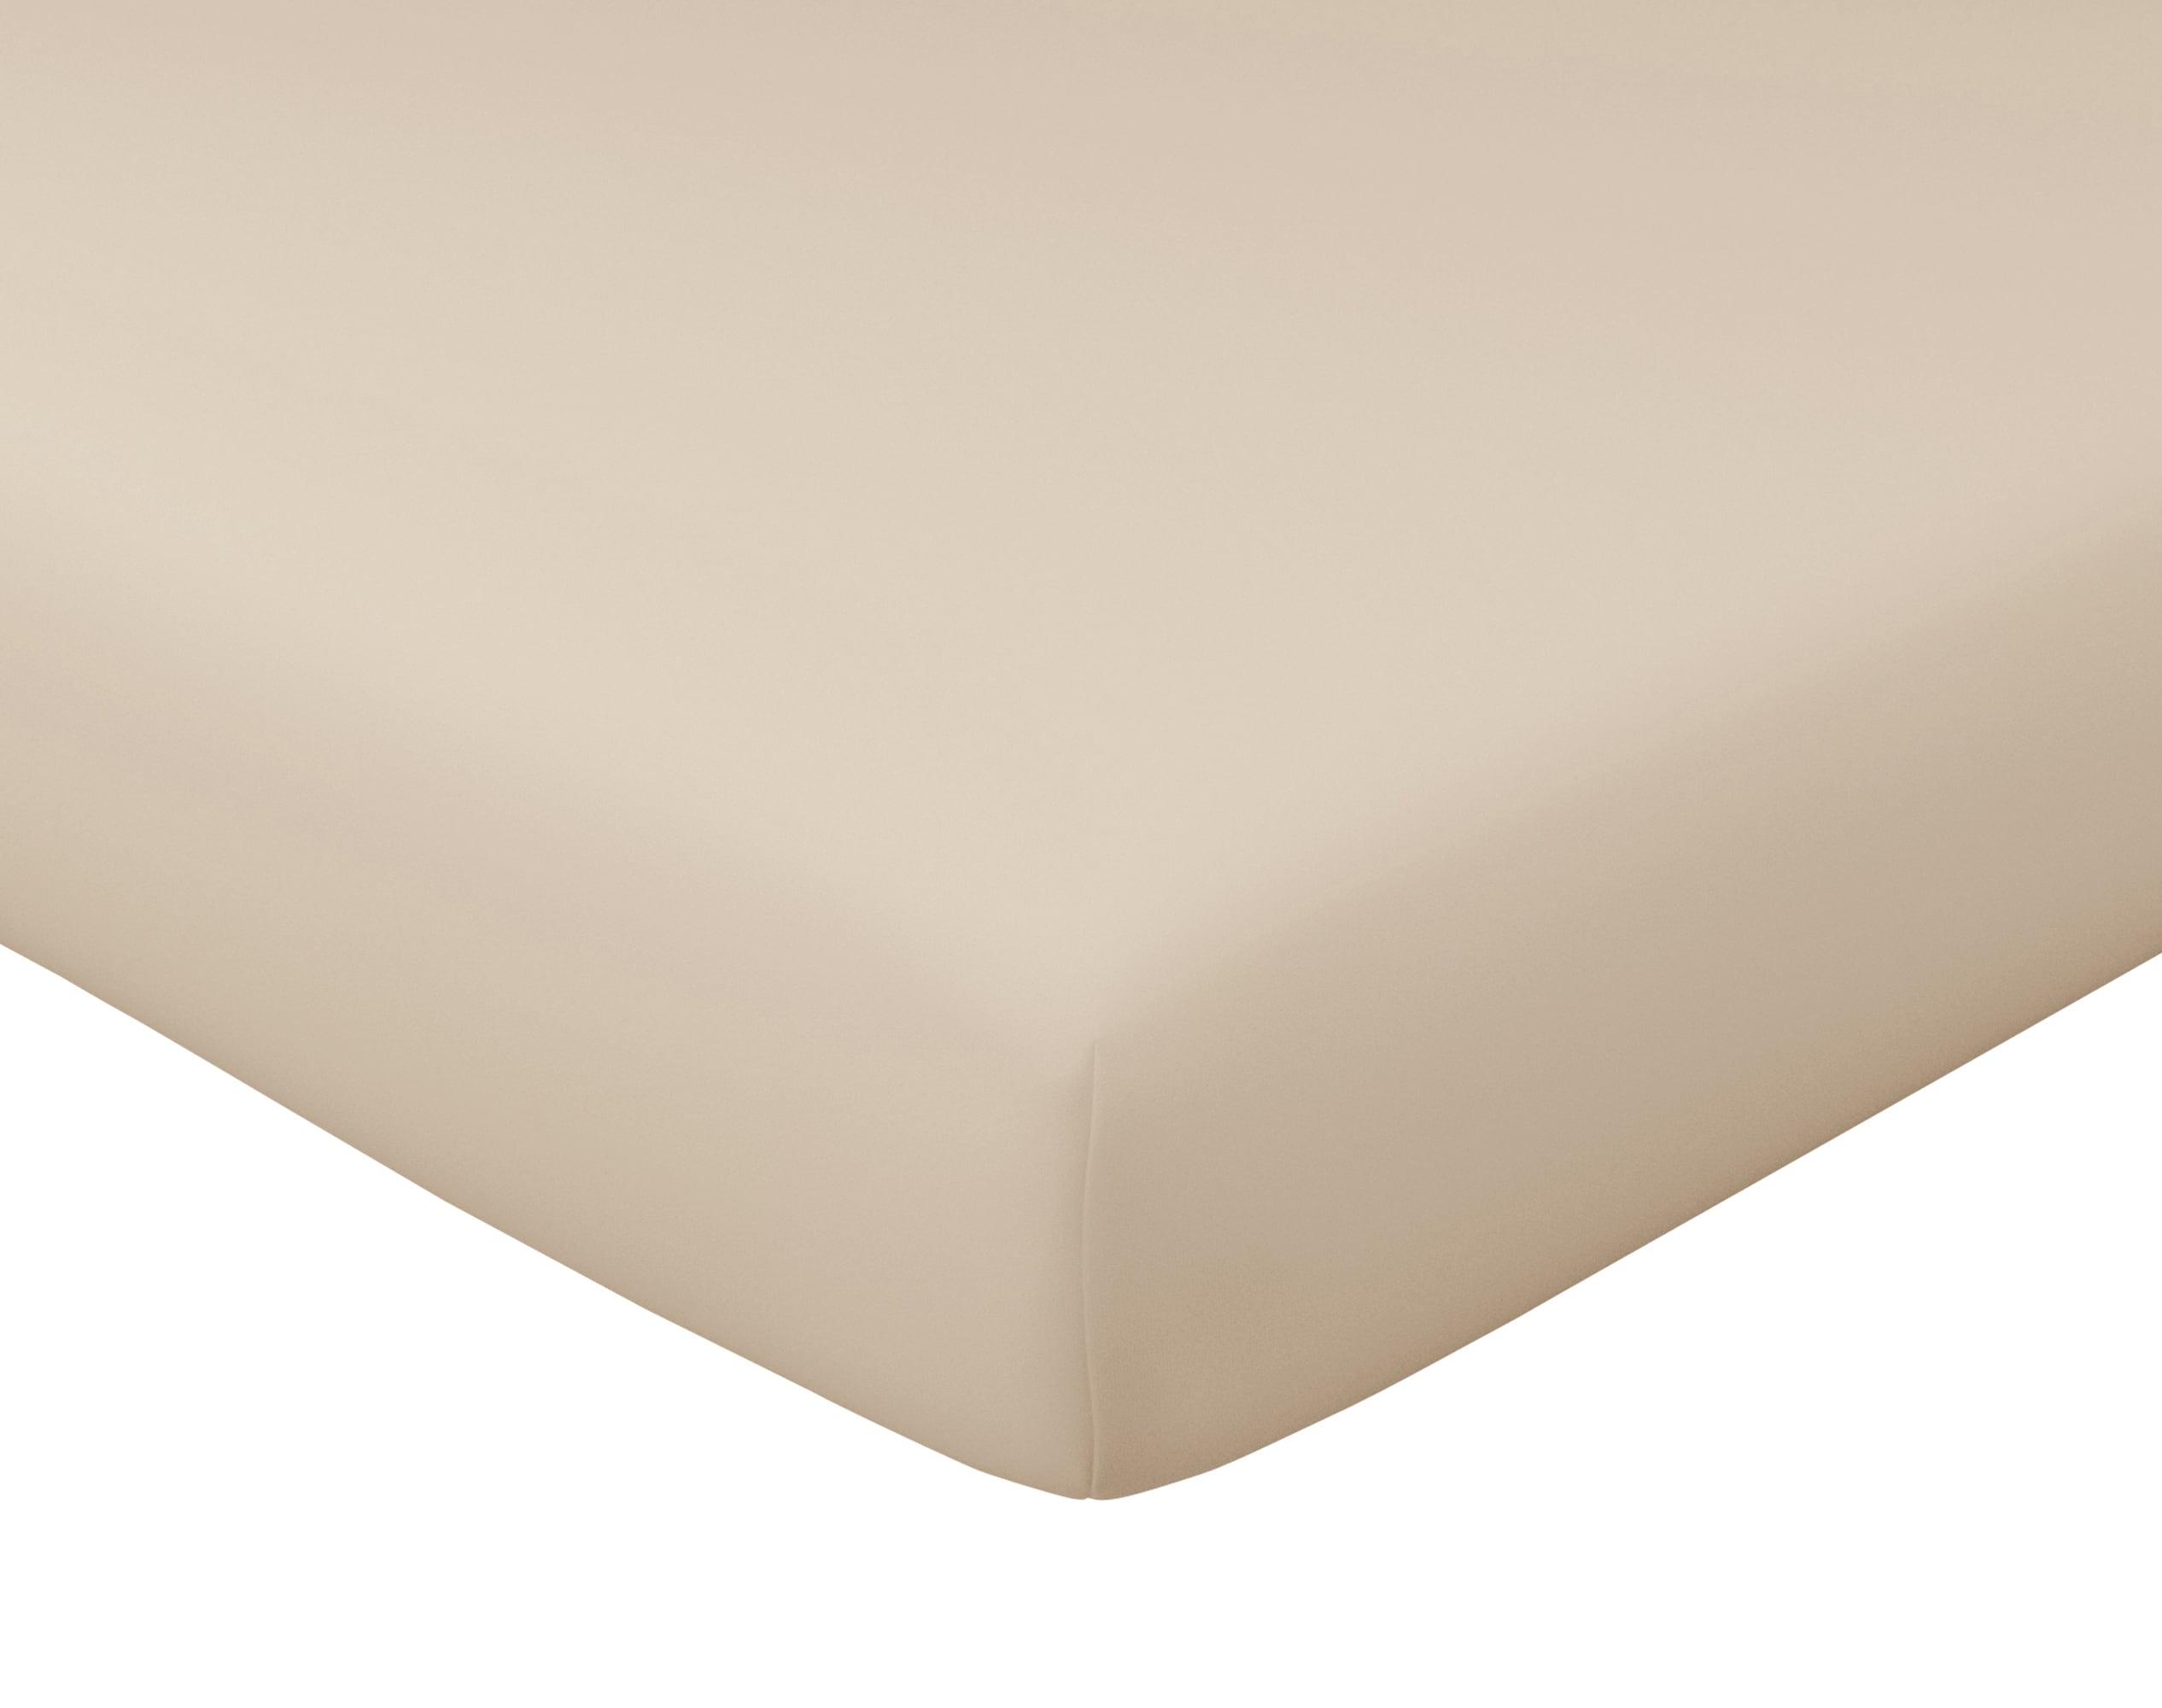 Drap-housse 140x190 en satin de coton  beige